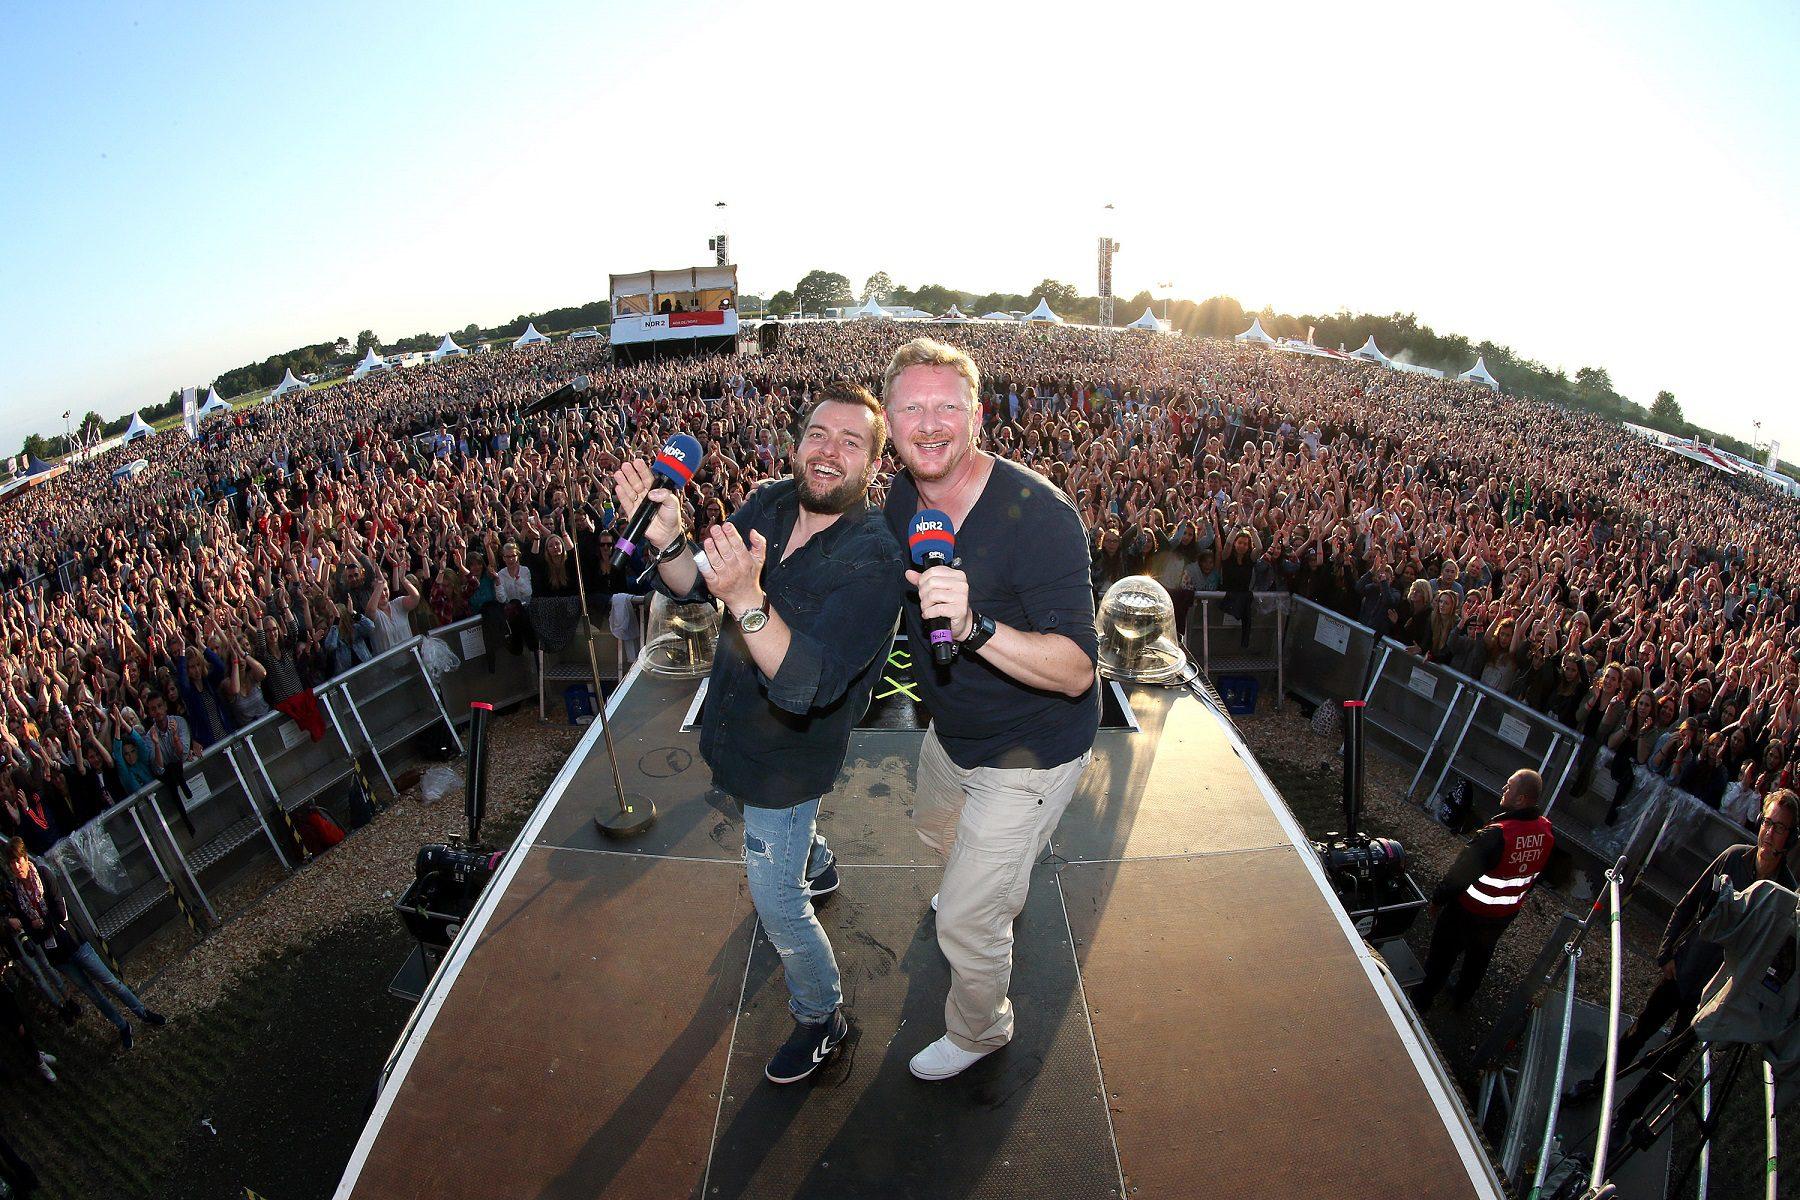 Die Auftrittszeiten für das NDR 2 Papenburg Festival stehen fest – Ponik und Mahrhold moderieren